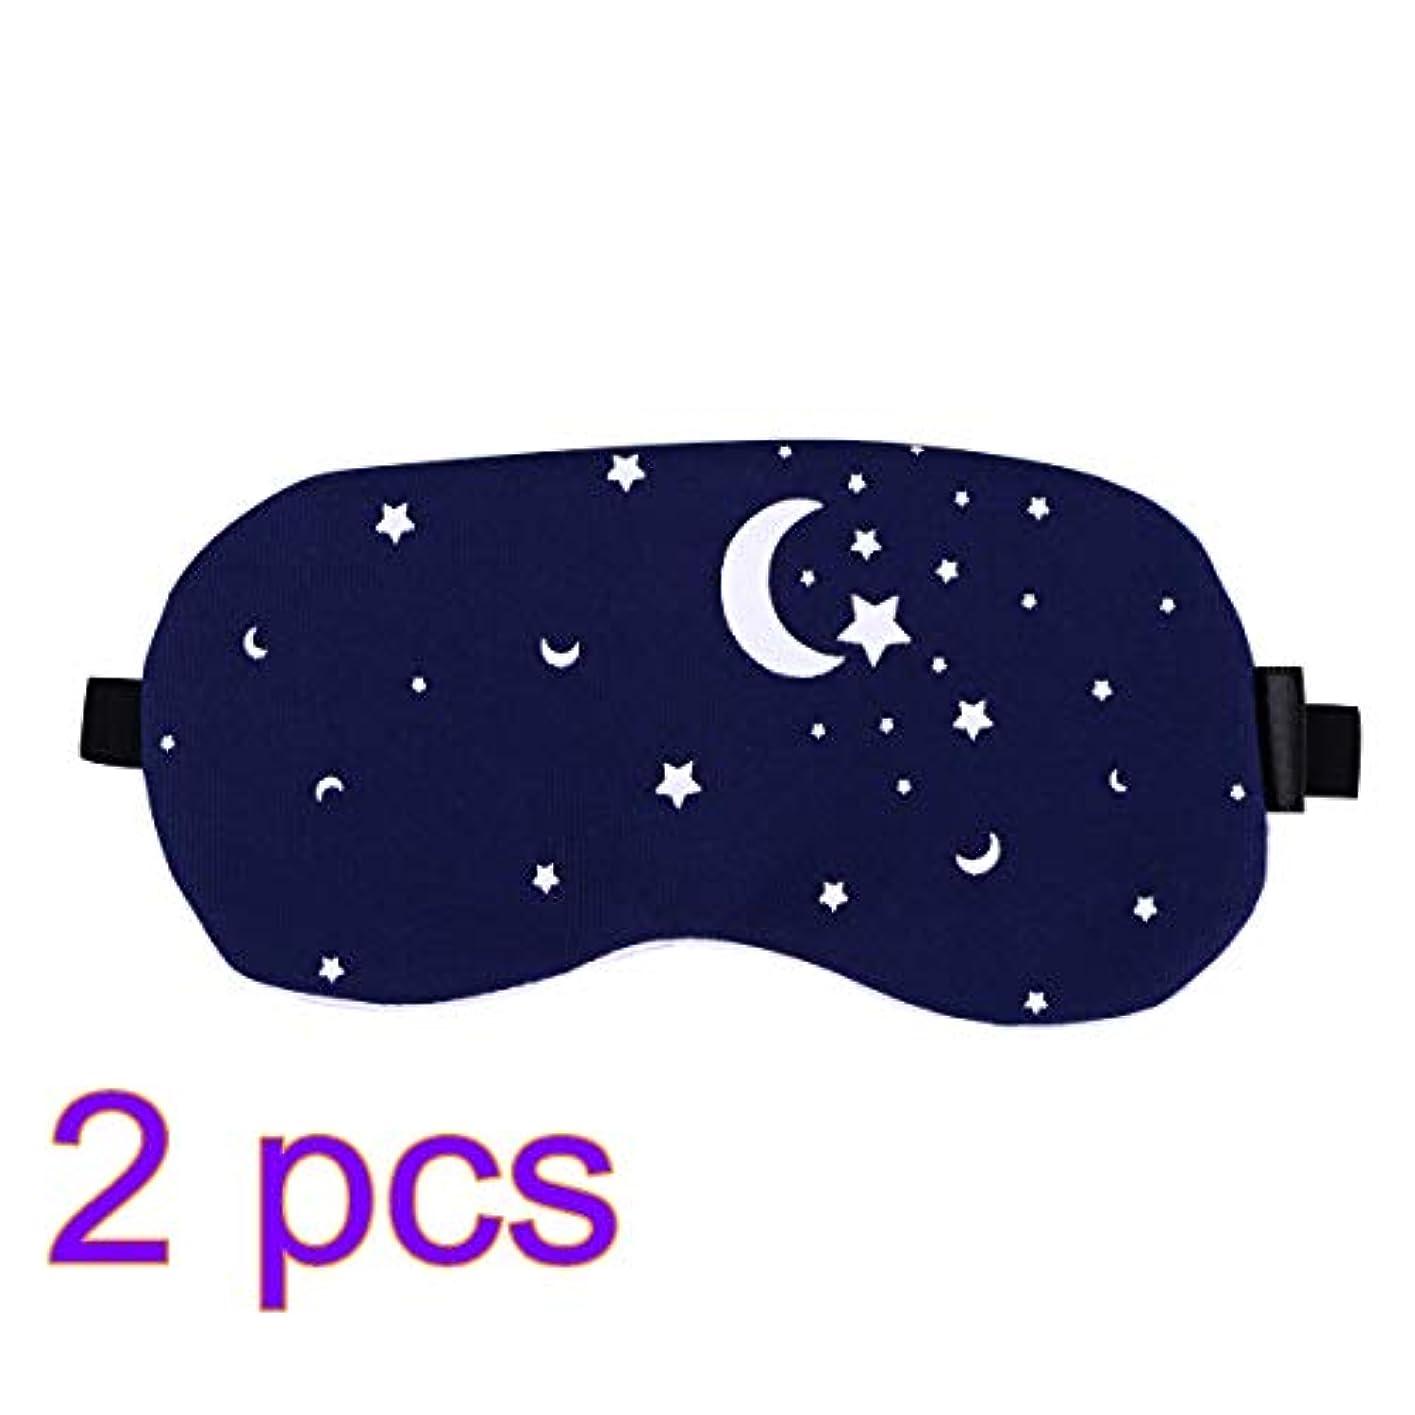 封筒賛辞有効Healifty コットンとリネンアイスリーピングマスクブラインドパッチアジャストストラップコールド/ホットジェルストレス緩和用女性のためのふくらんでいる目の頭痛を解消2pcs(Starry Sky)